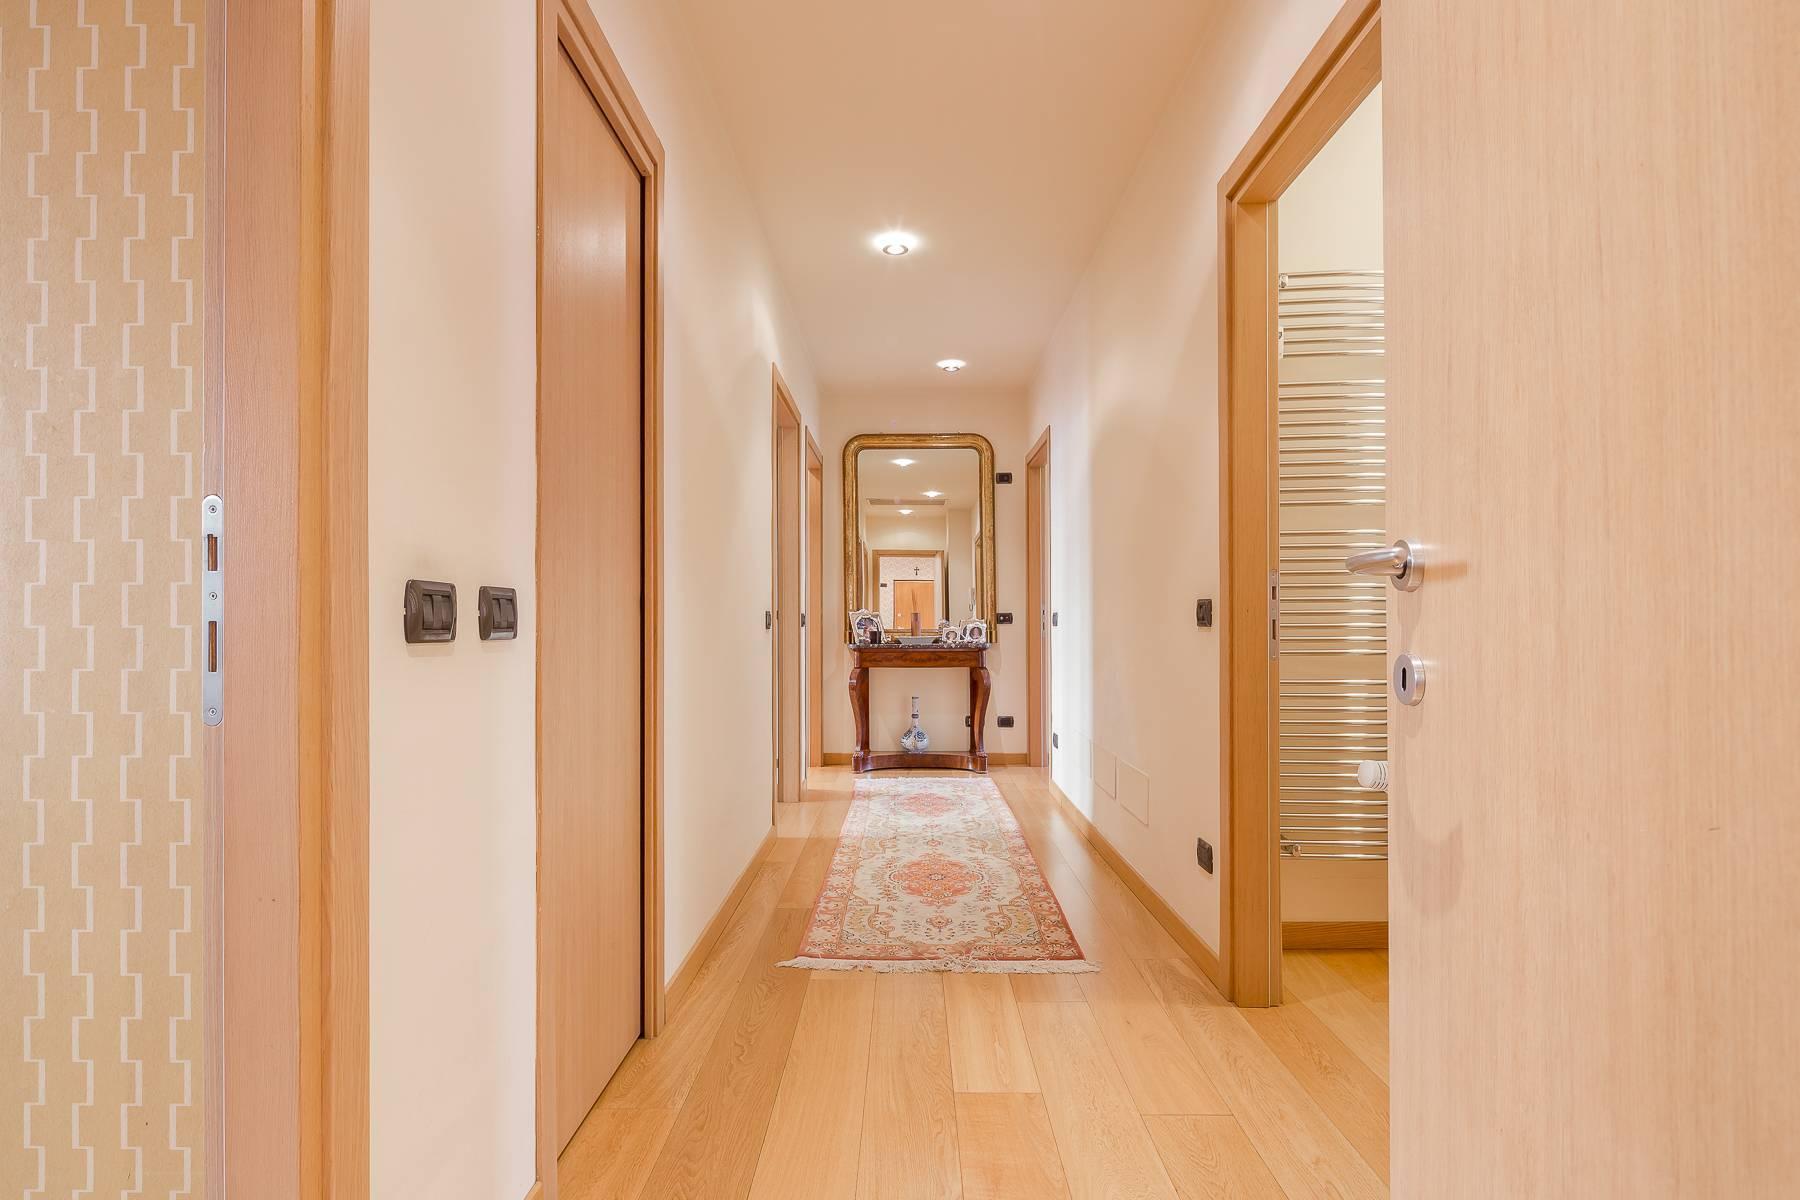 Квартира в классическом стиле на via Besana - 18